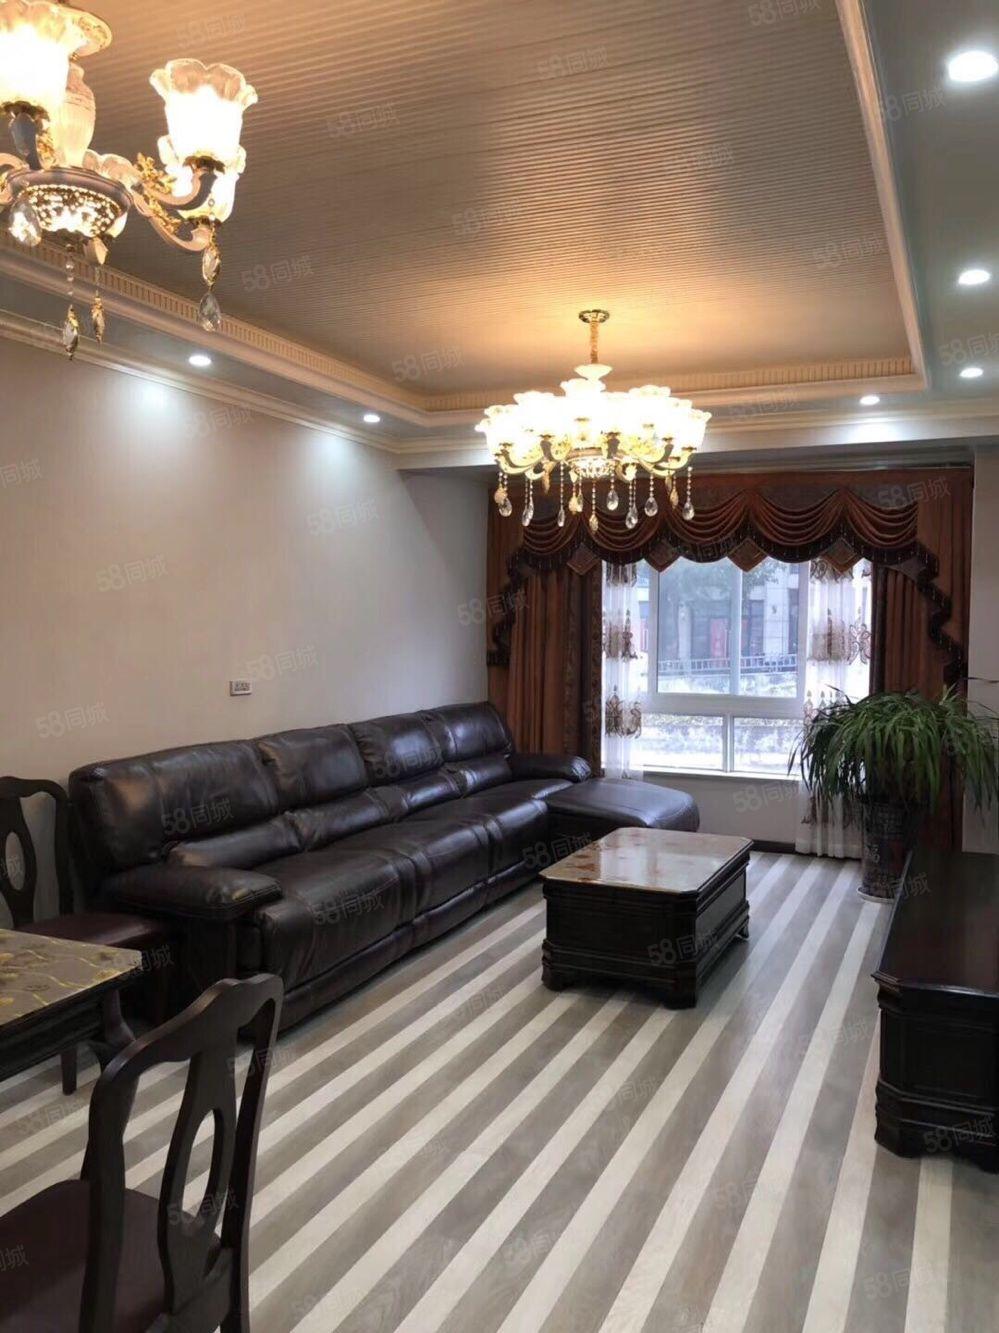 伴江香榭两室一厅,精装修,品牌家具家电,拎包入住,售价68万